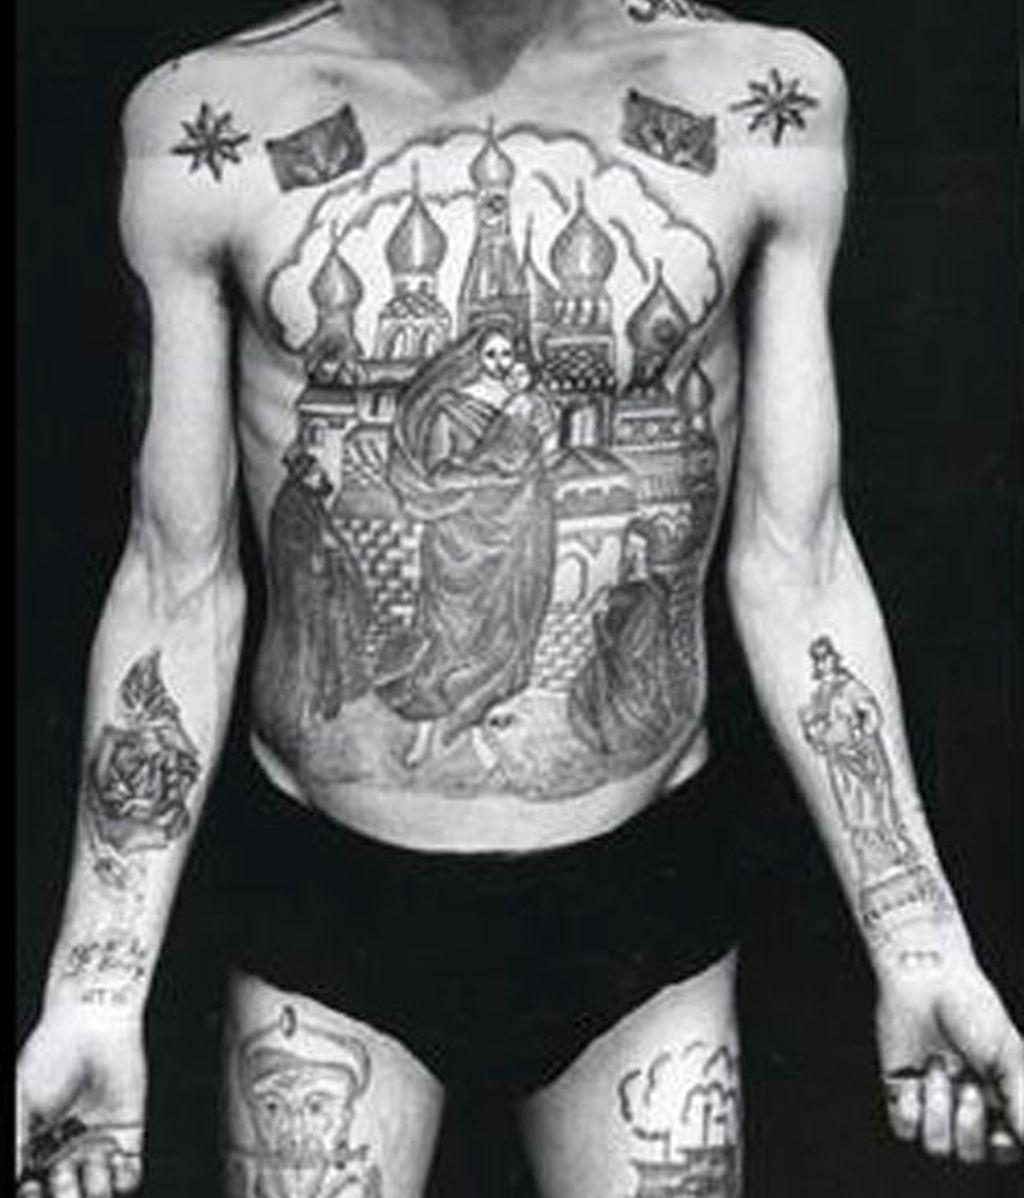 Enciclopedia Rusa del tatuaje criminal